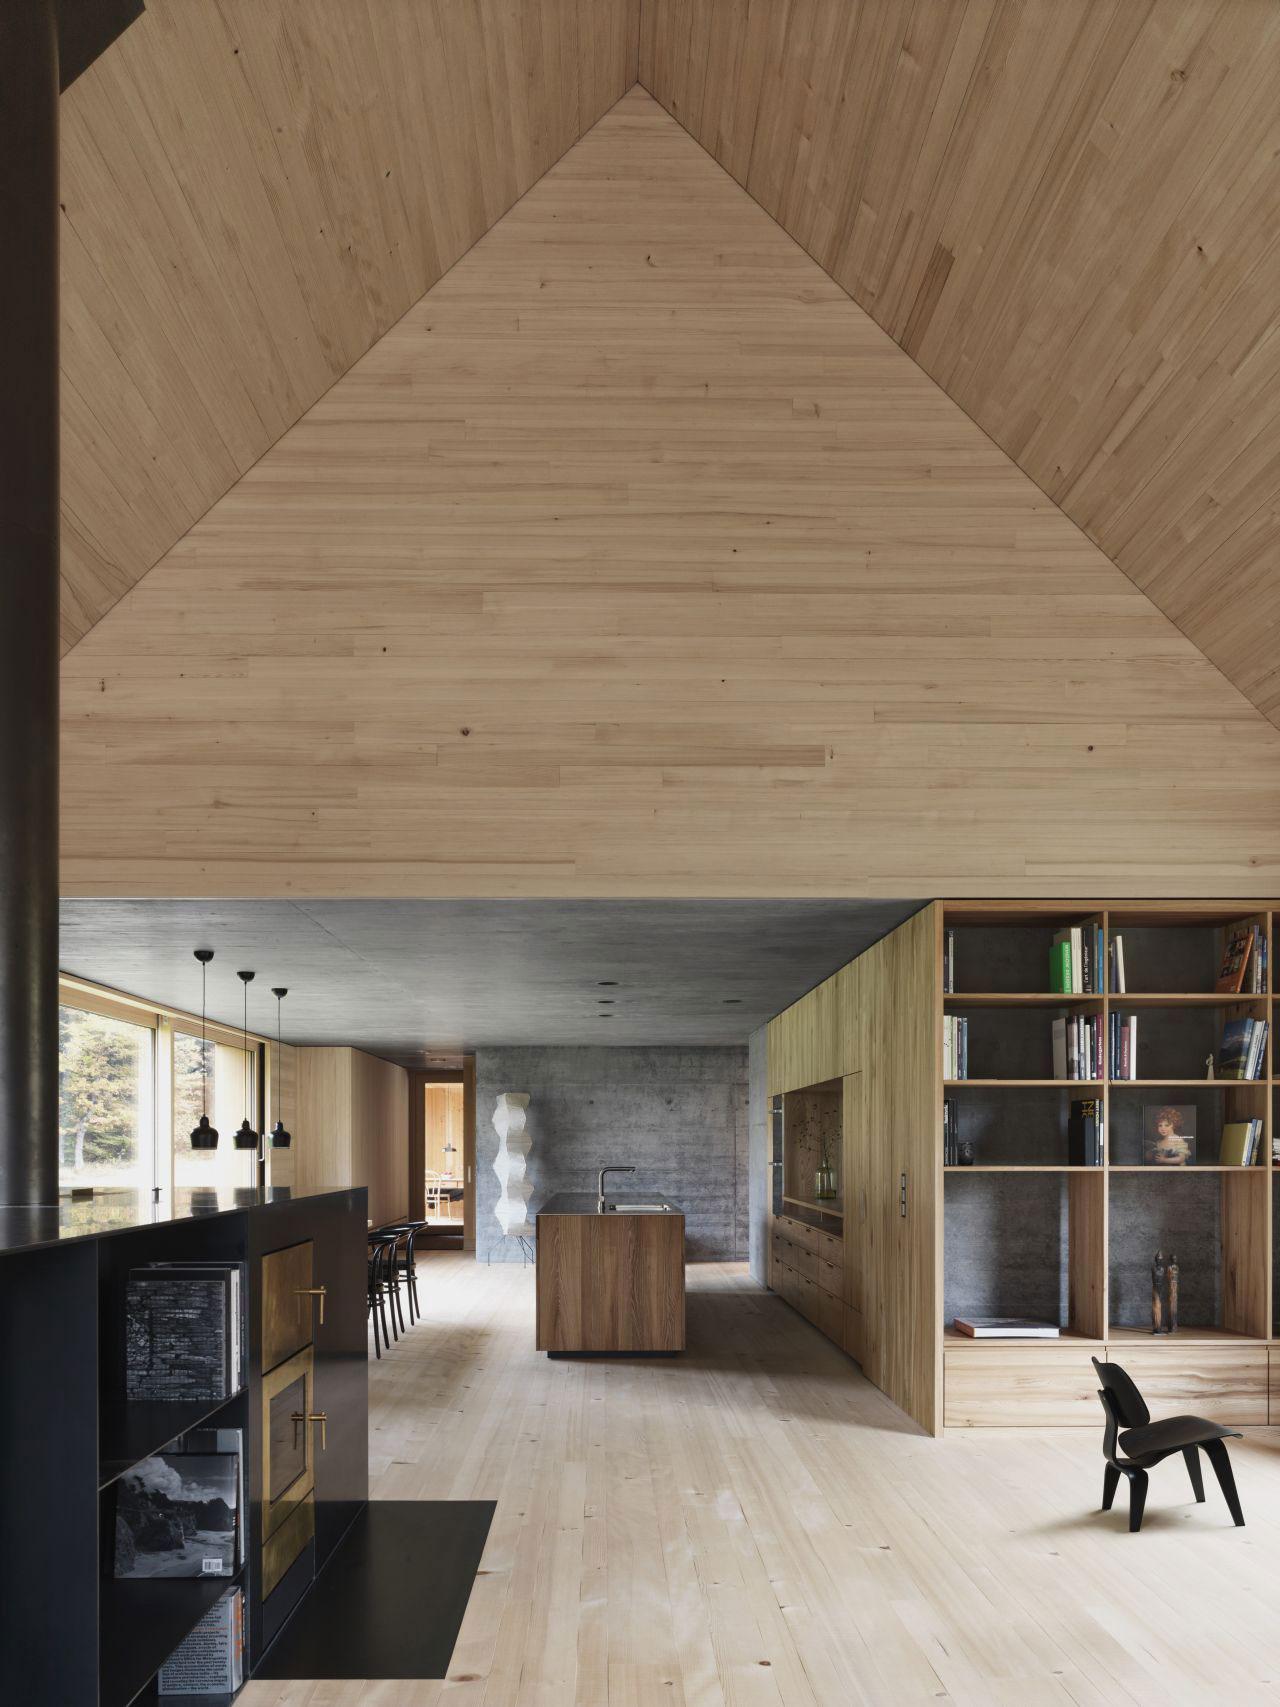 Haus am moor by bernardo bader architects austria for Interior design innsbruck